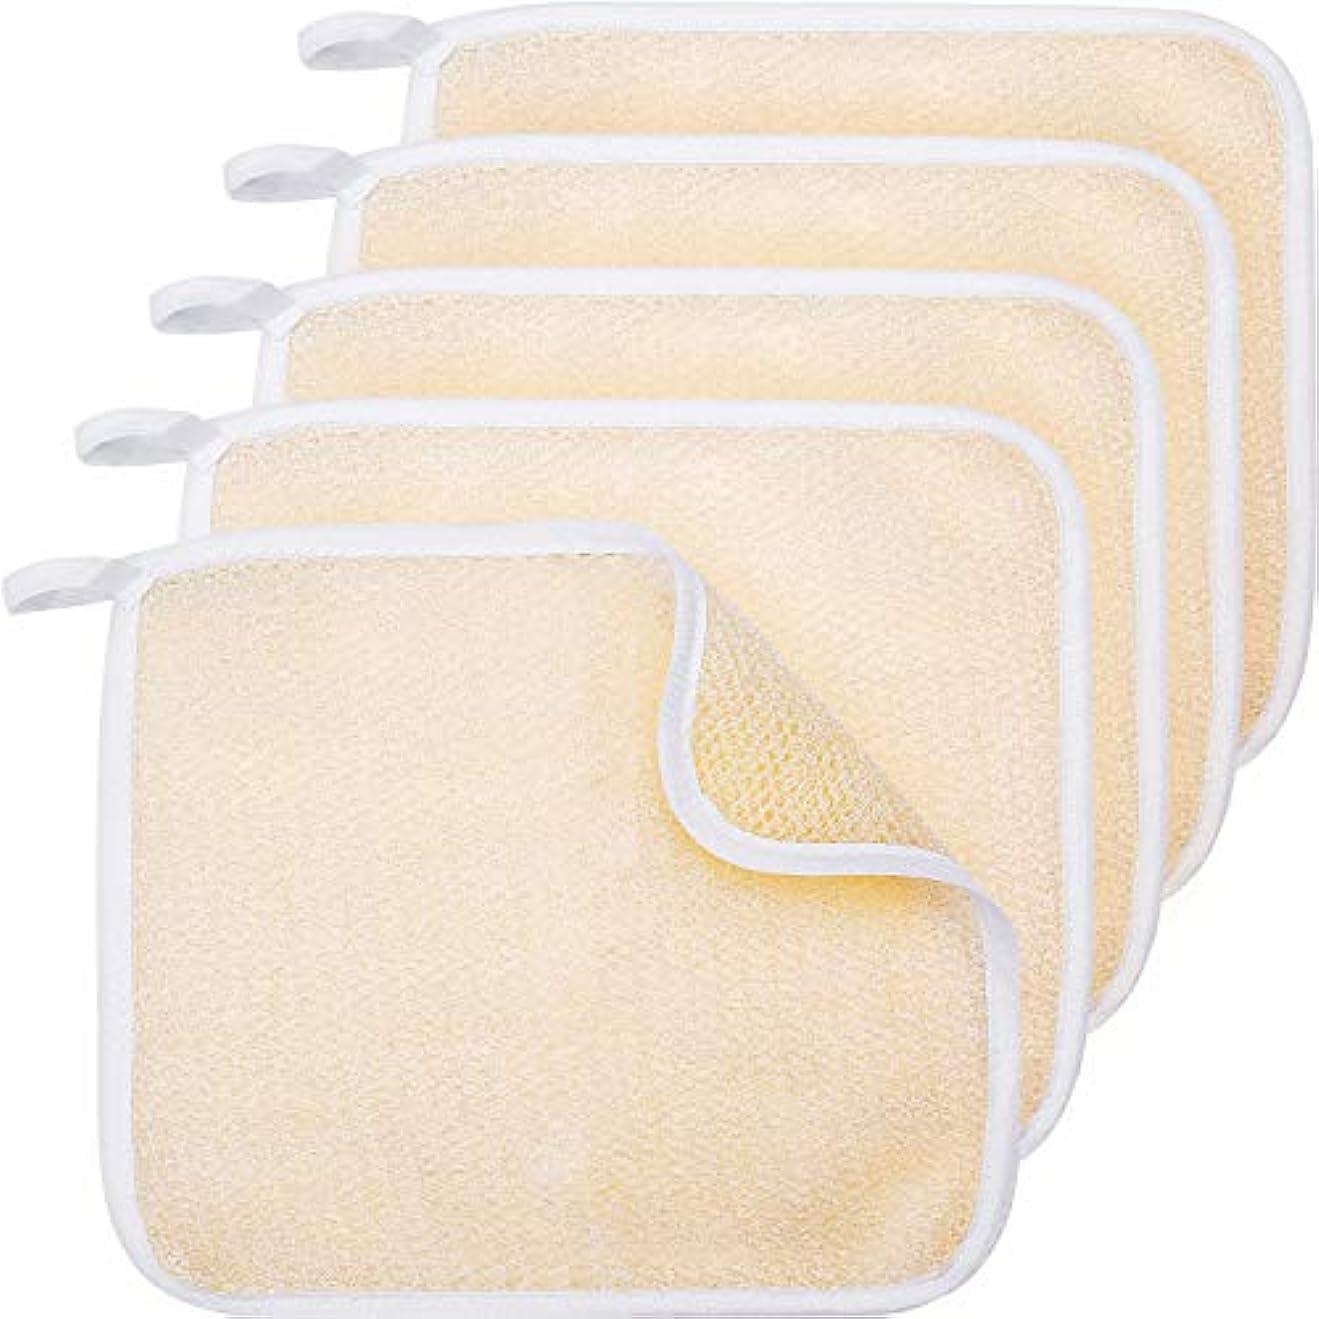 ほとんどない手拡大する5パックExfoliangフェイスとボディウォッシュクロスタオルソフトウィーブバスクロス剥離スクラブクロスマッサージバスクロス(女性と男性用)(5パック両面剥離クロス)